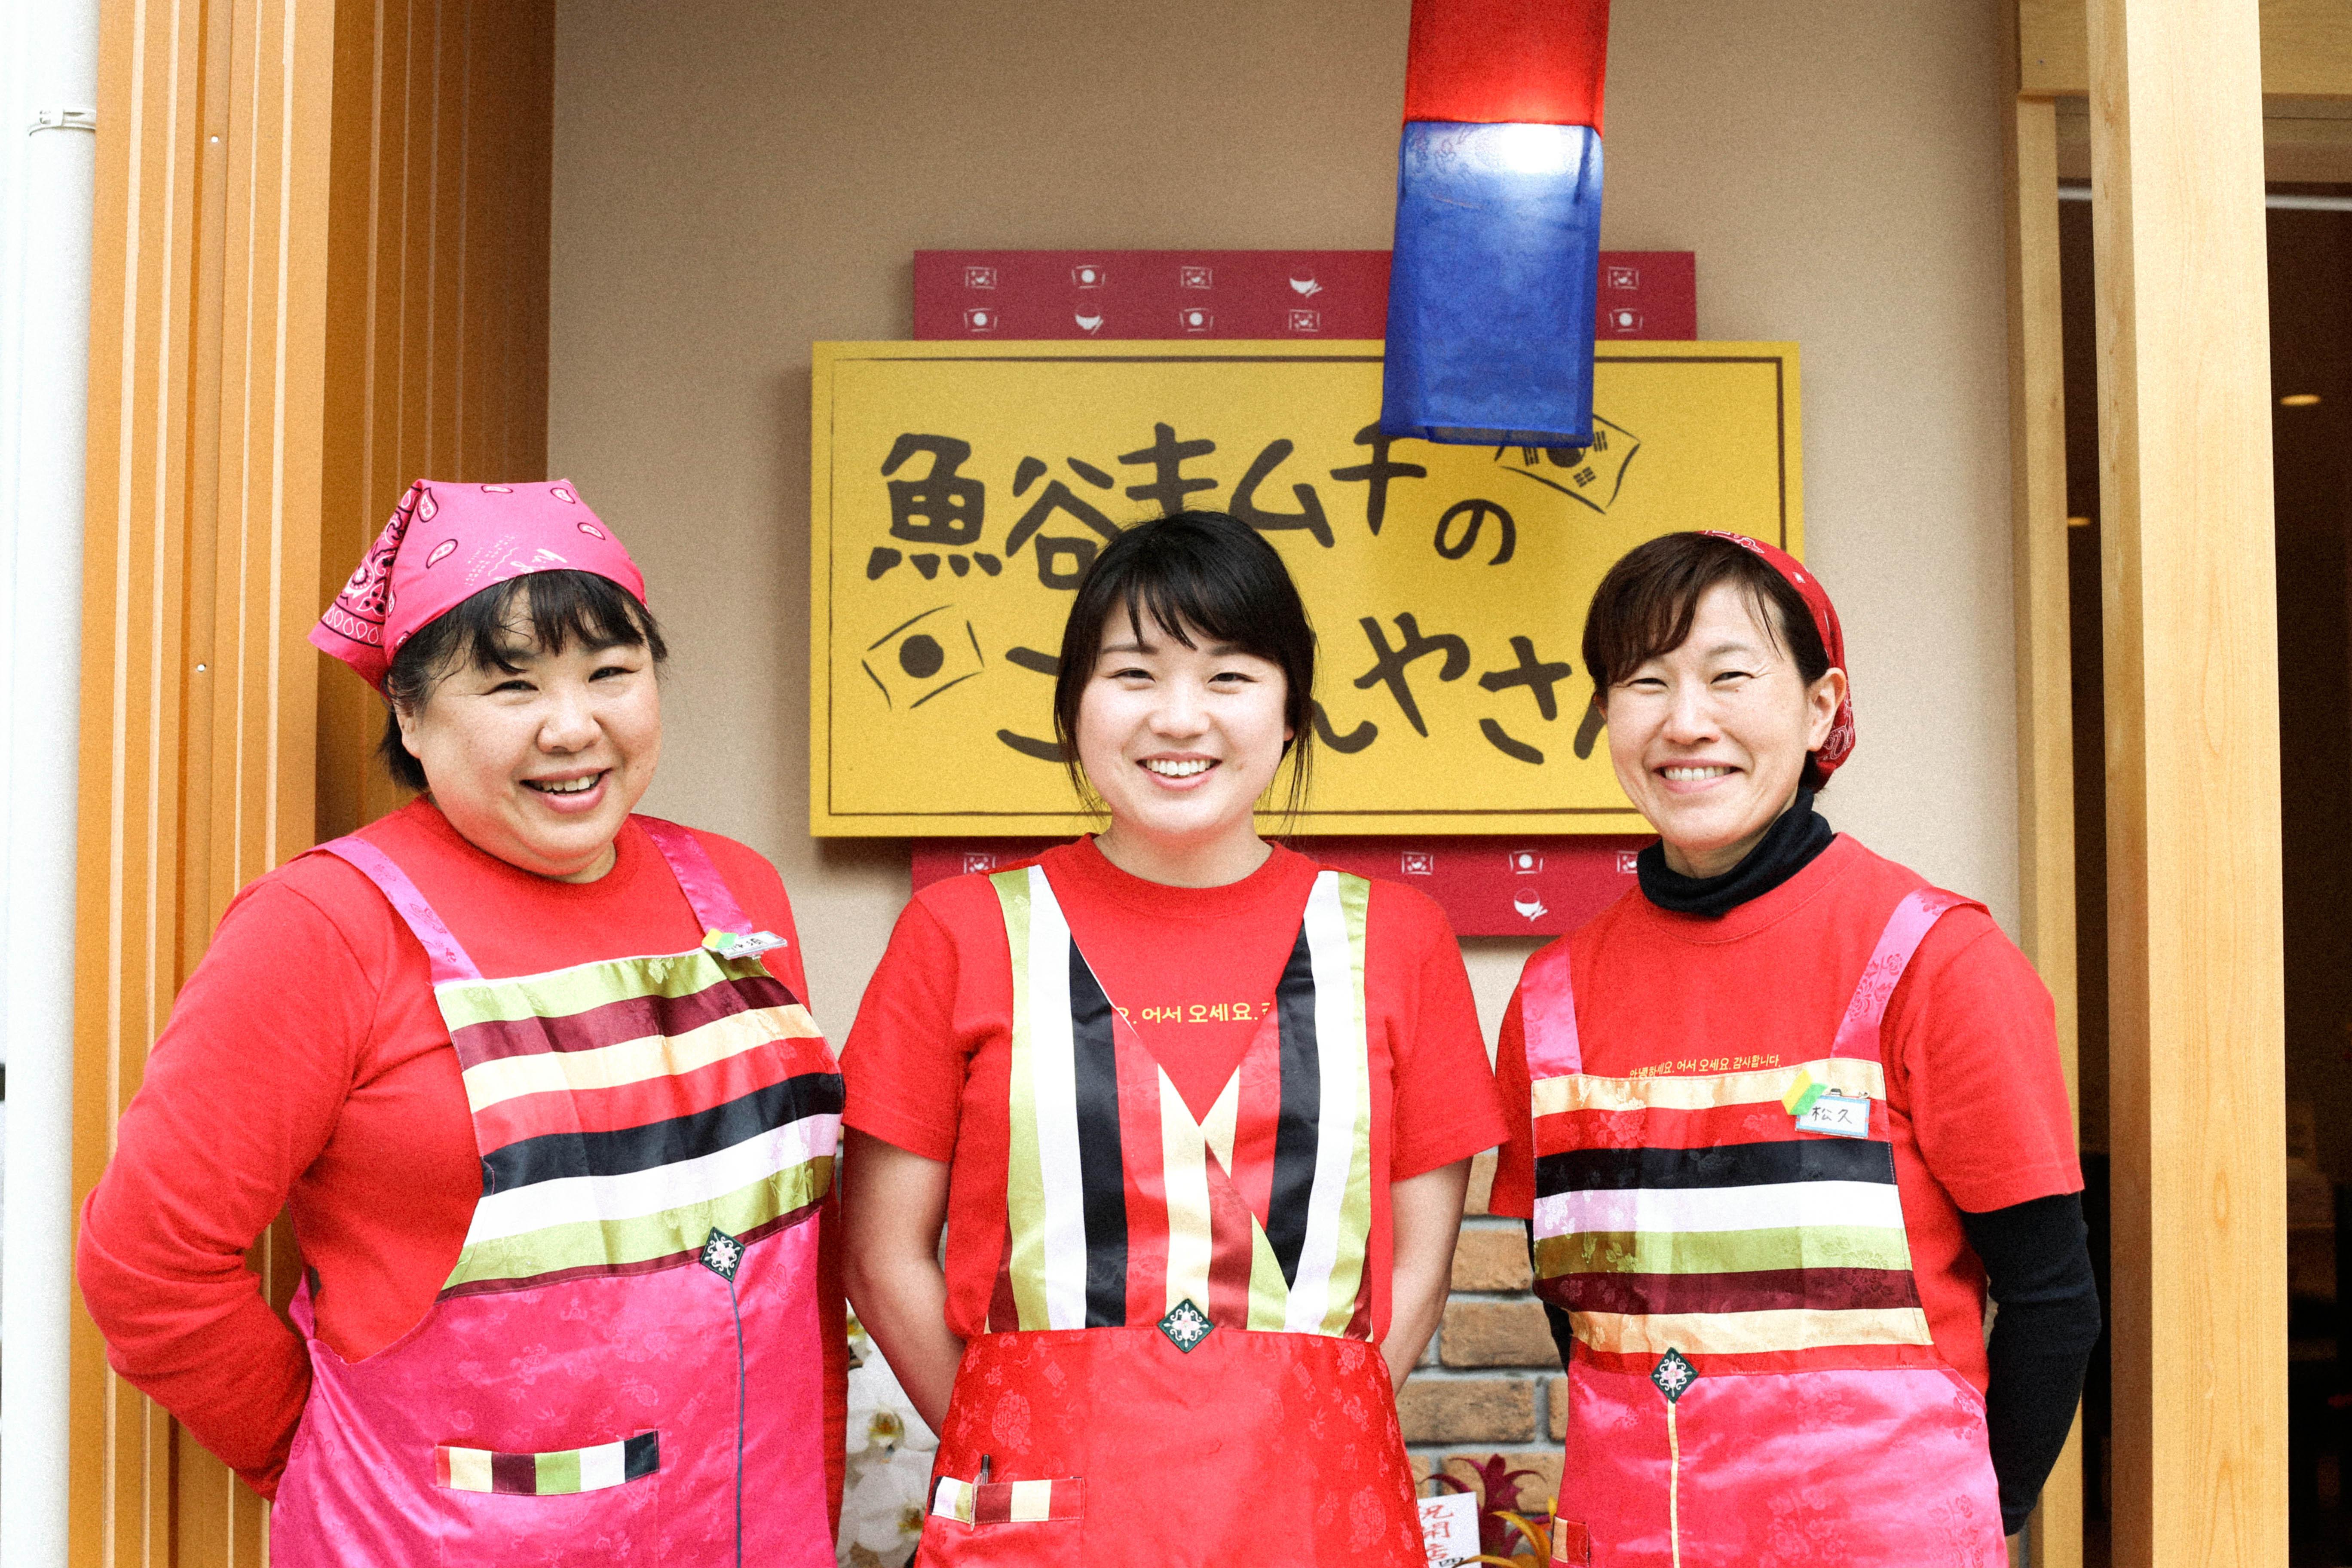 《徳島市/魚谷キムチのごはんやさん》旨辛キムチの人気店がランチはじめました。